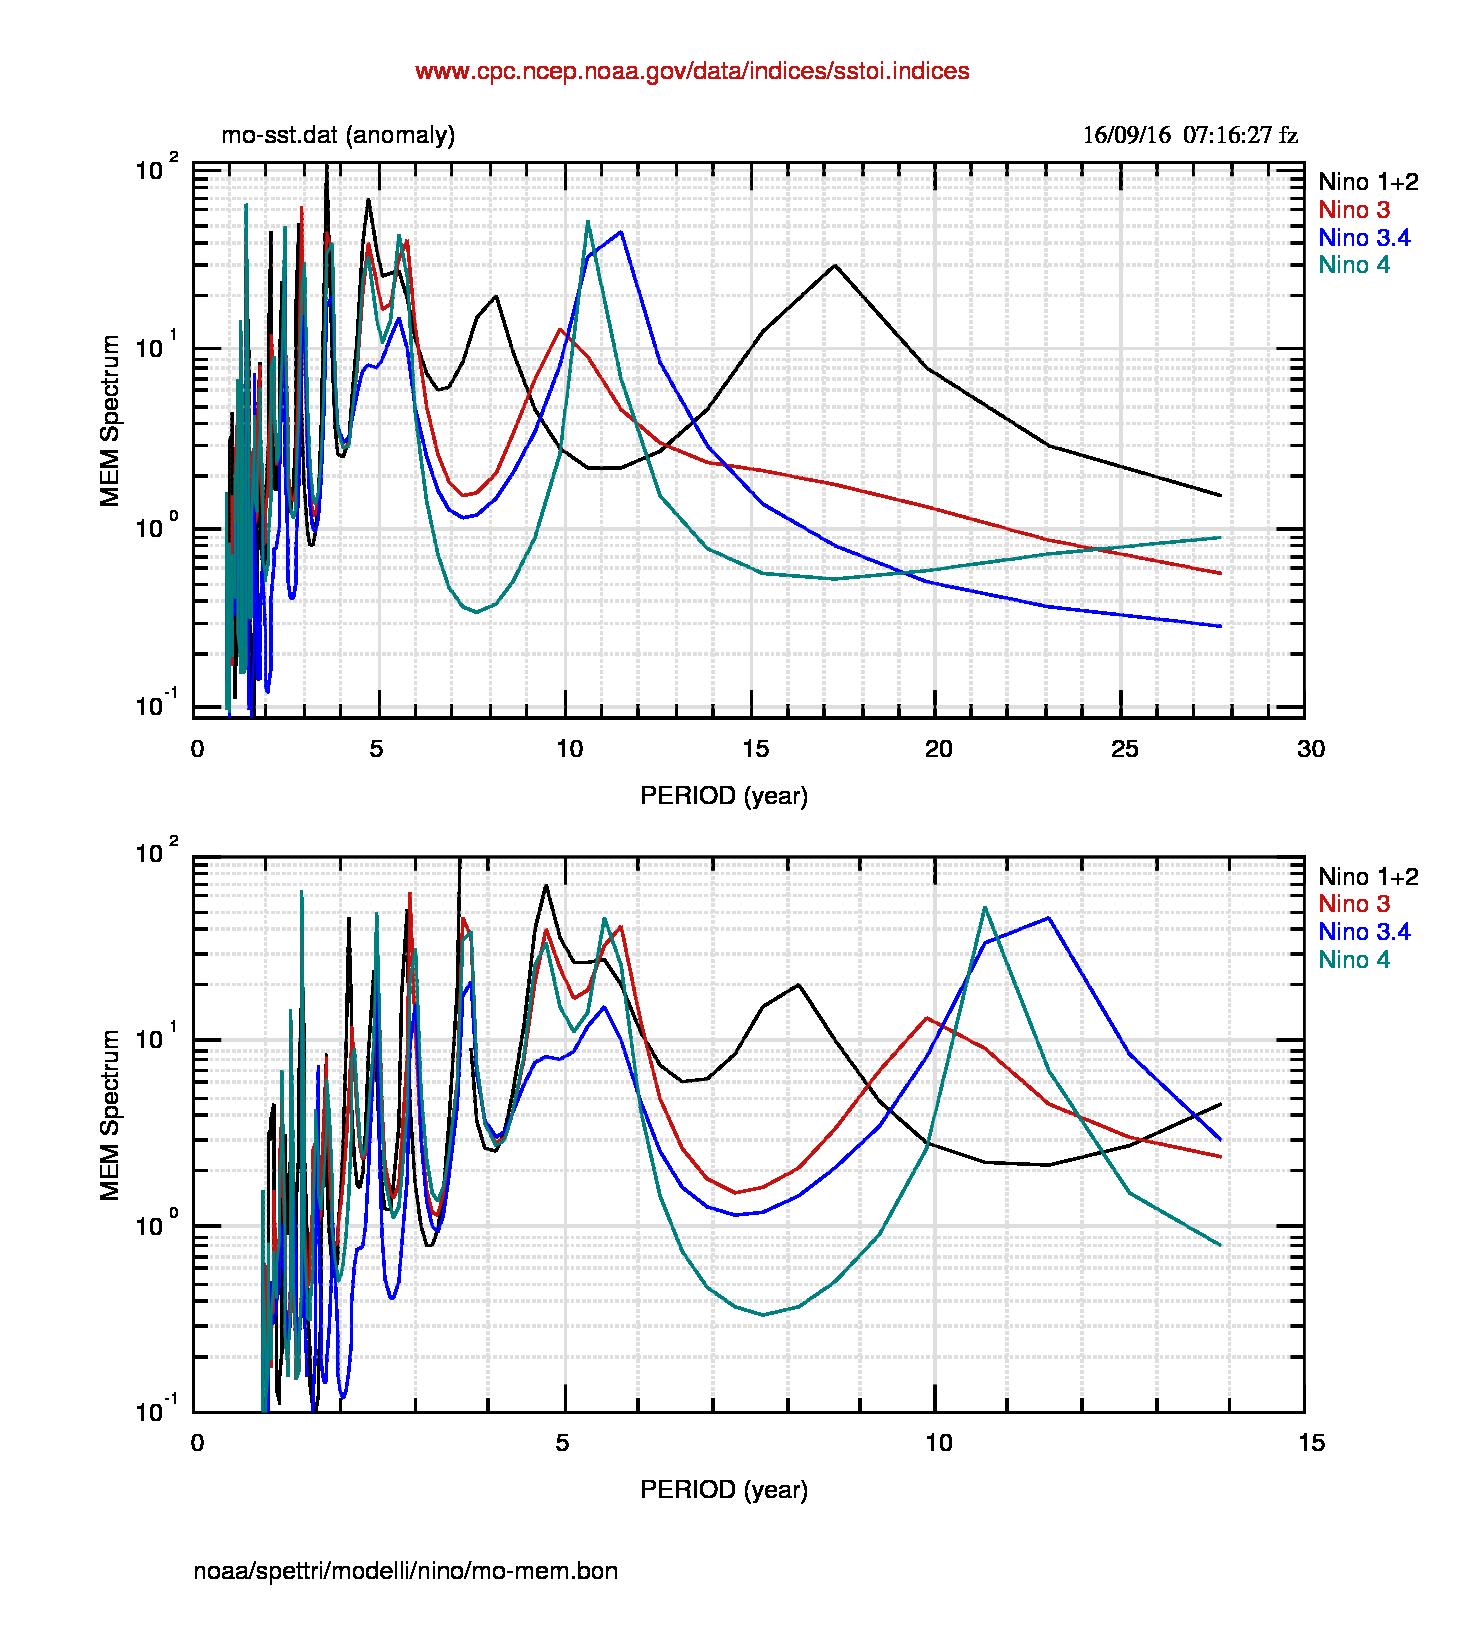 Fig.5: Spettro MEM dei dati mensili. La struttura più stabile sembra essere quella tra 4 e 6 anni. La struttura tra 8 e 12 anni appare molto meno definita della corrispondente nei dati settimanali. I periodi delle 4 regioni per i dati mensili sono riassunti nella tabella nel sito di supporto e nella tabella finale del post.